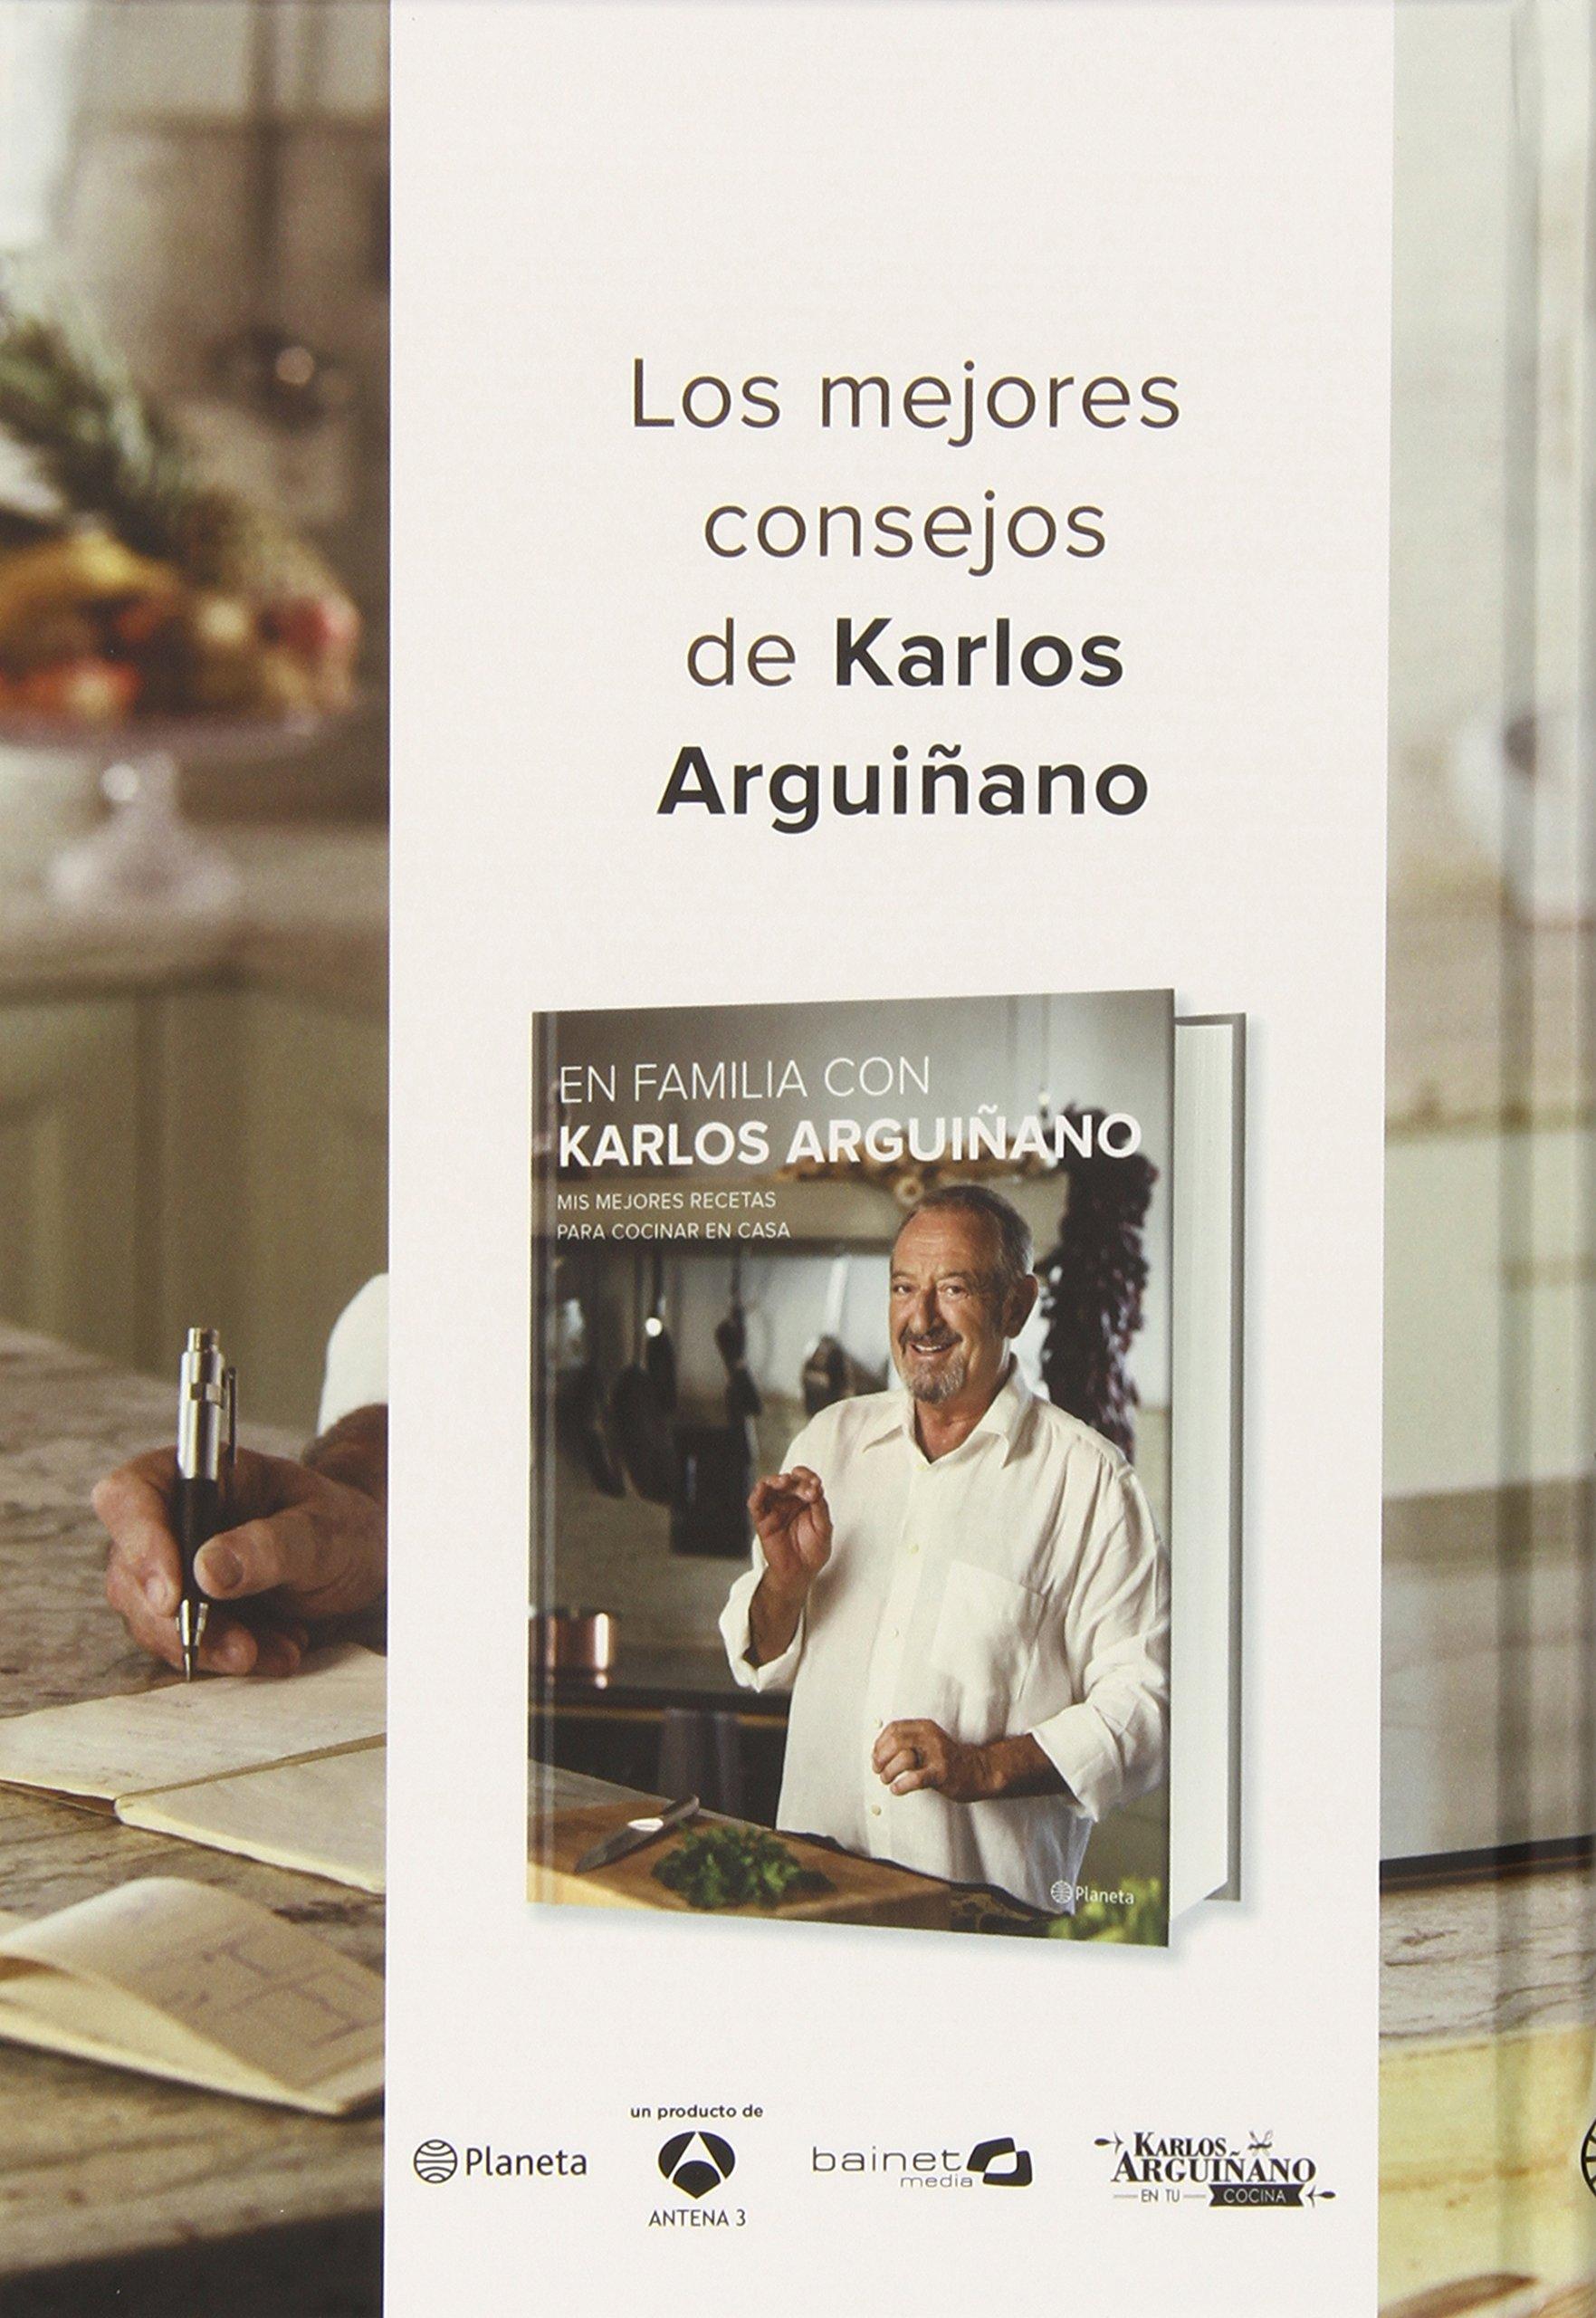 Pack En Familia Con Karlos Arguiñano Cocina planeta: Amazon.es: Karlos Arguiñano: Libros